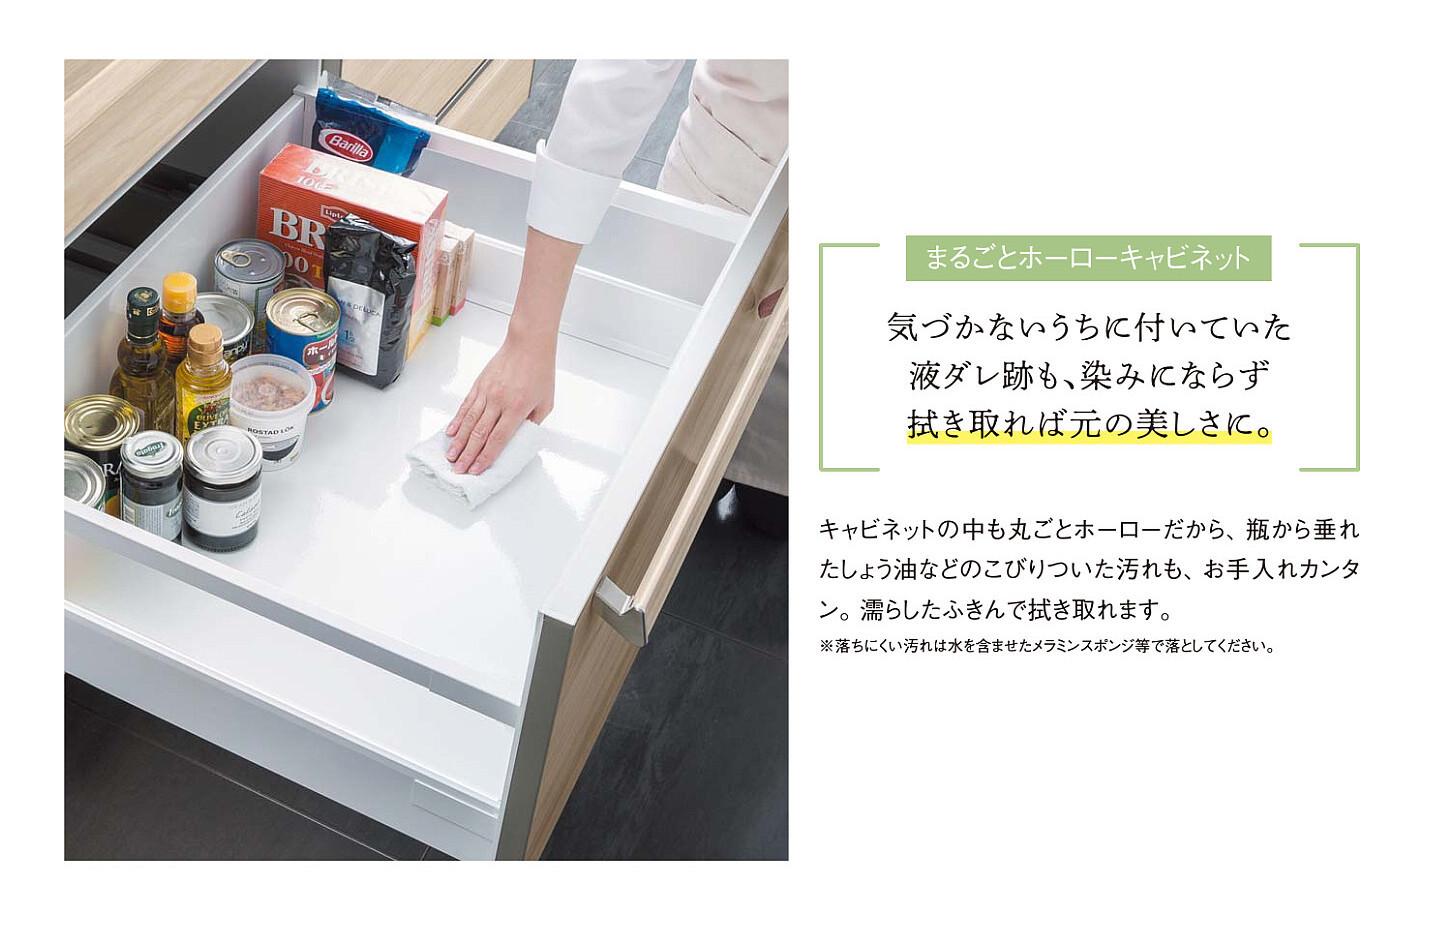 イベント情報 ~タカラスタンダードショールーム相談会~_e0190287_20343040.jpg